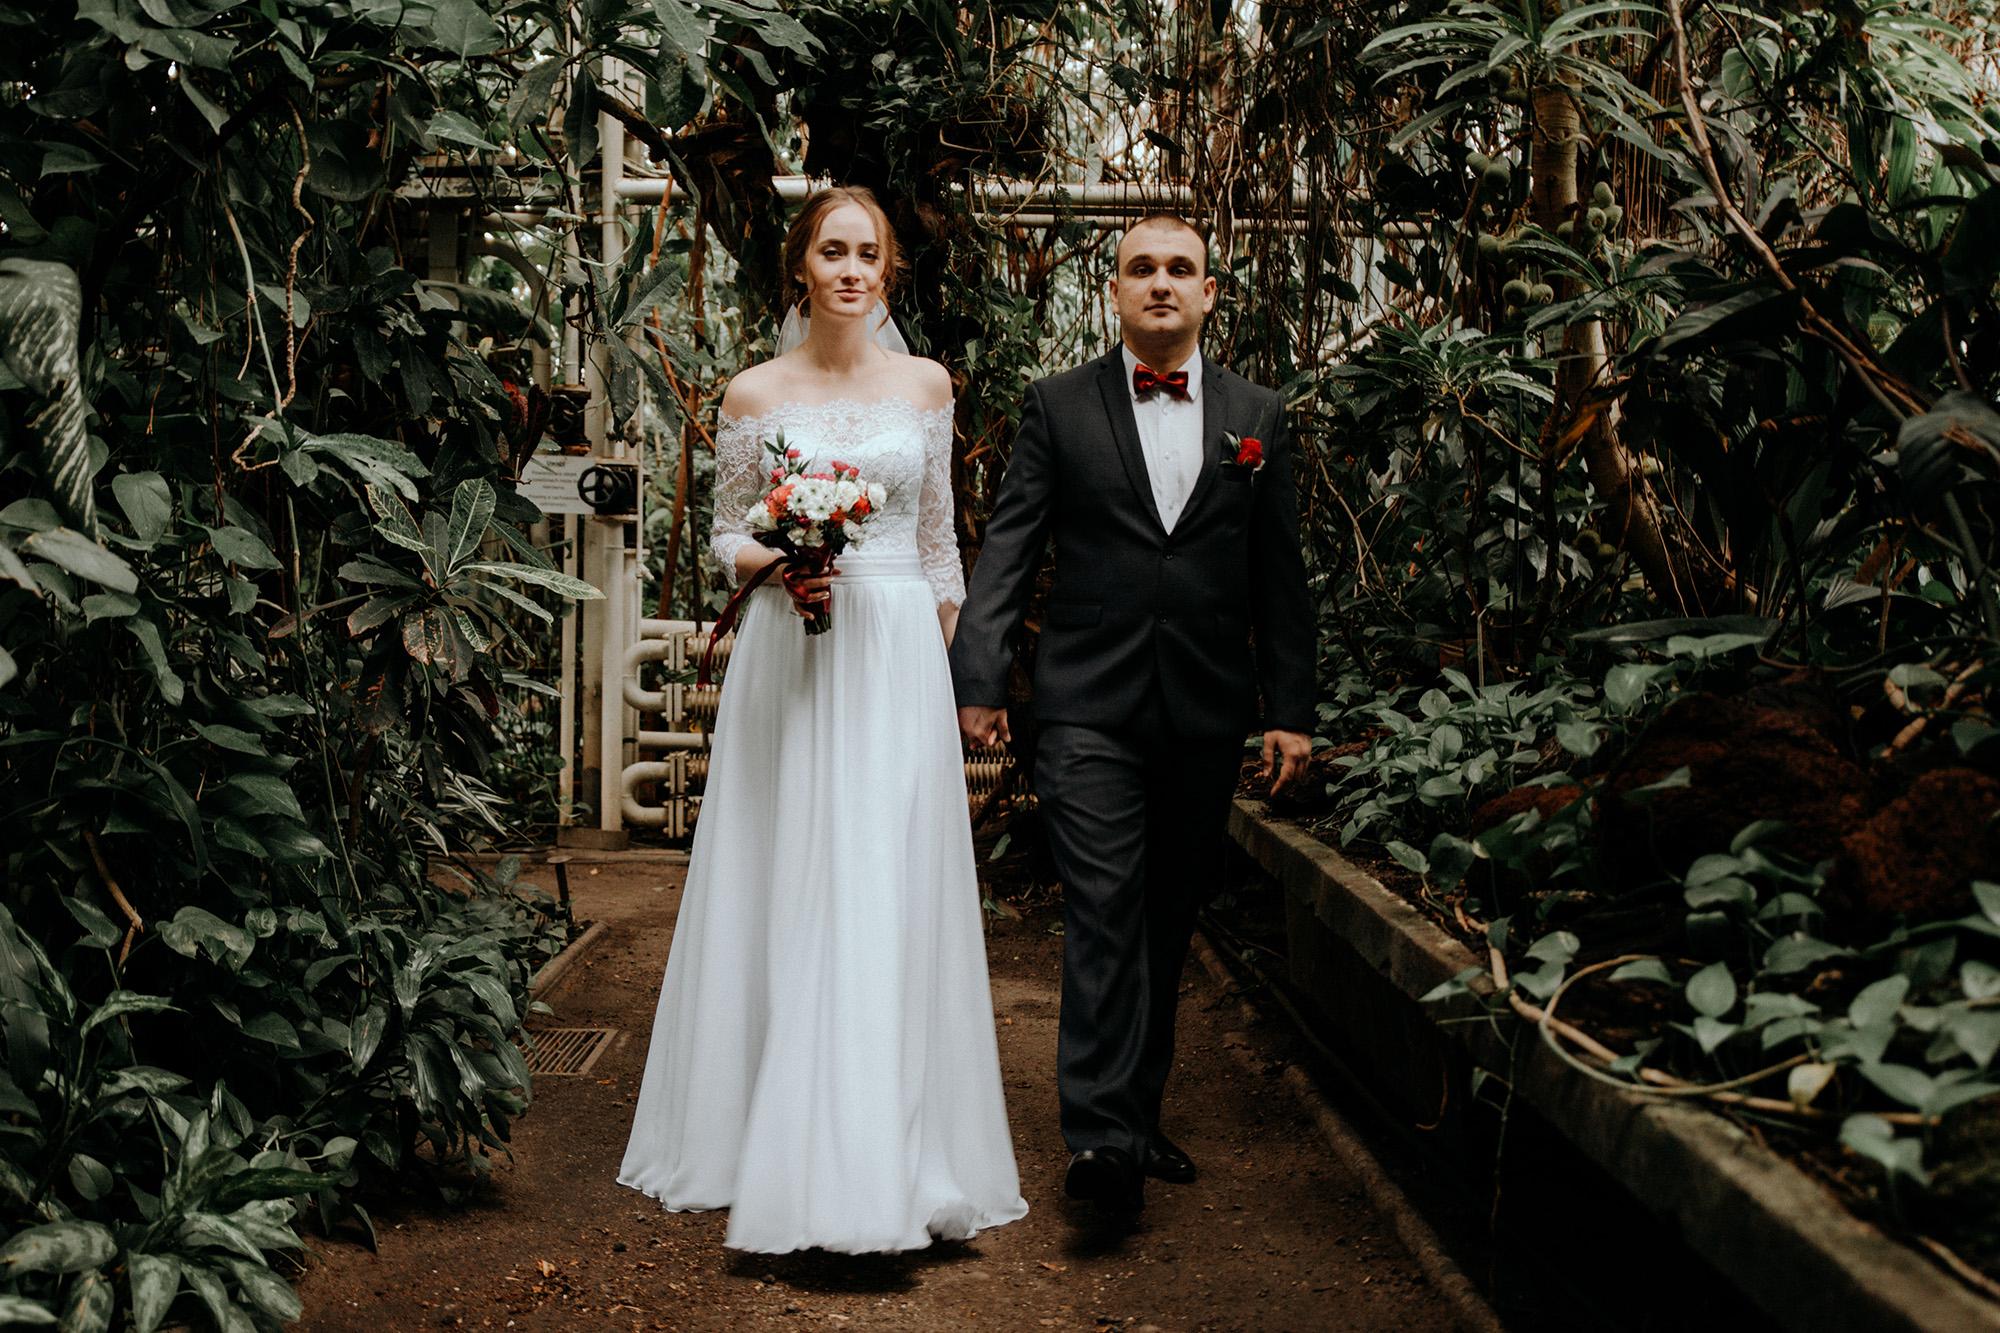 Anastasiia & Sergiusz